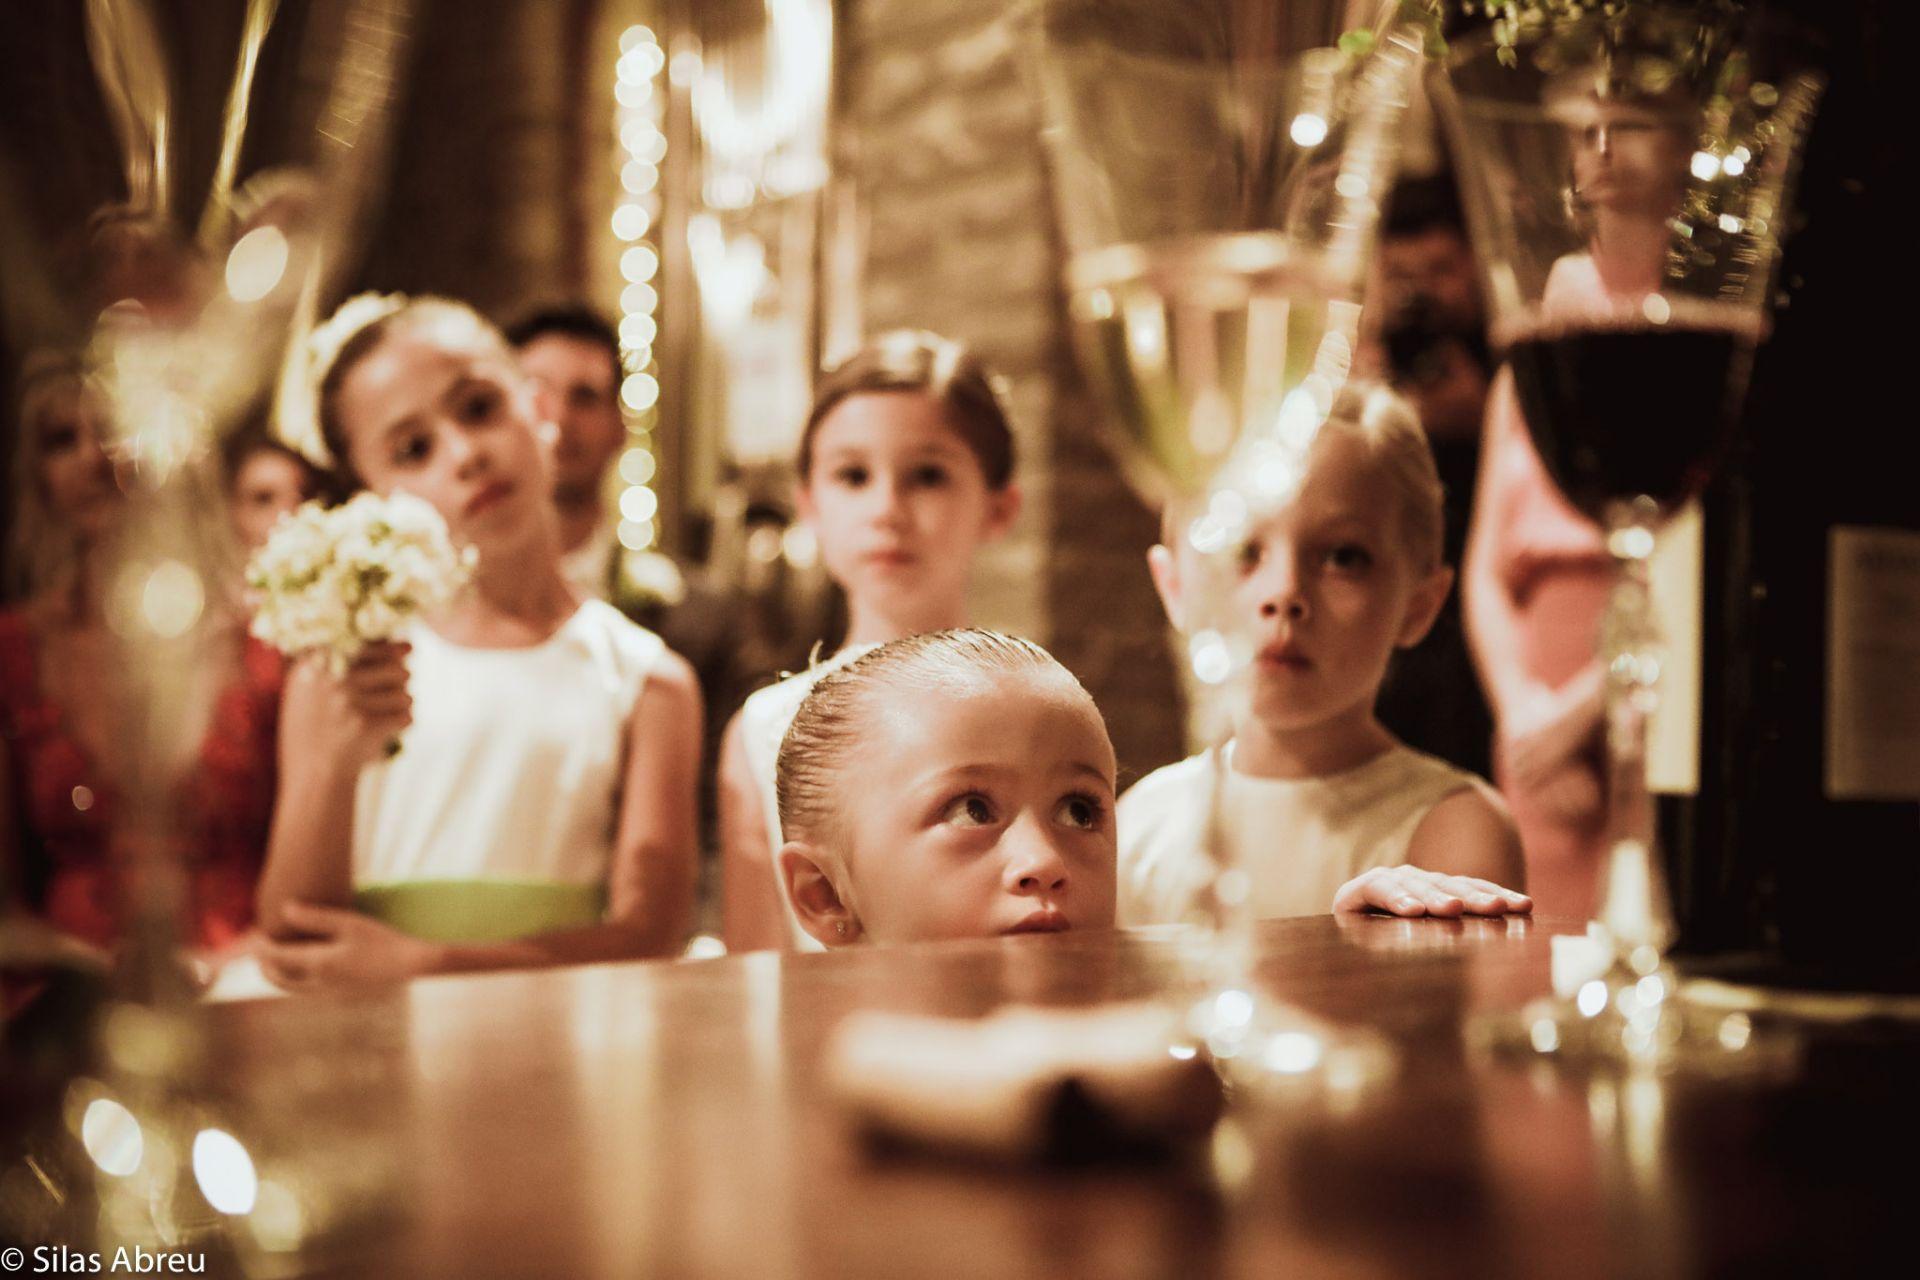 Casamento Caroline e Felipe, Spa do Vinho Autograph Collection, Vale dos Vinhedos, Noiva, Makeup, Noivo, cerimônia, Festa, wedding, bride, Vestido de Noiva, sapato de noiva, aliança de noivado, brinco, Carlos Bacchi, Marta Michelon